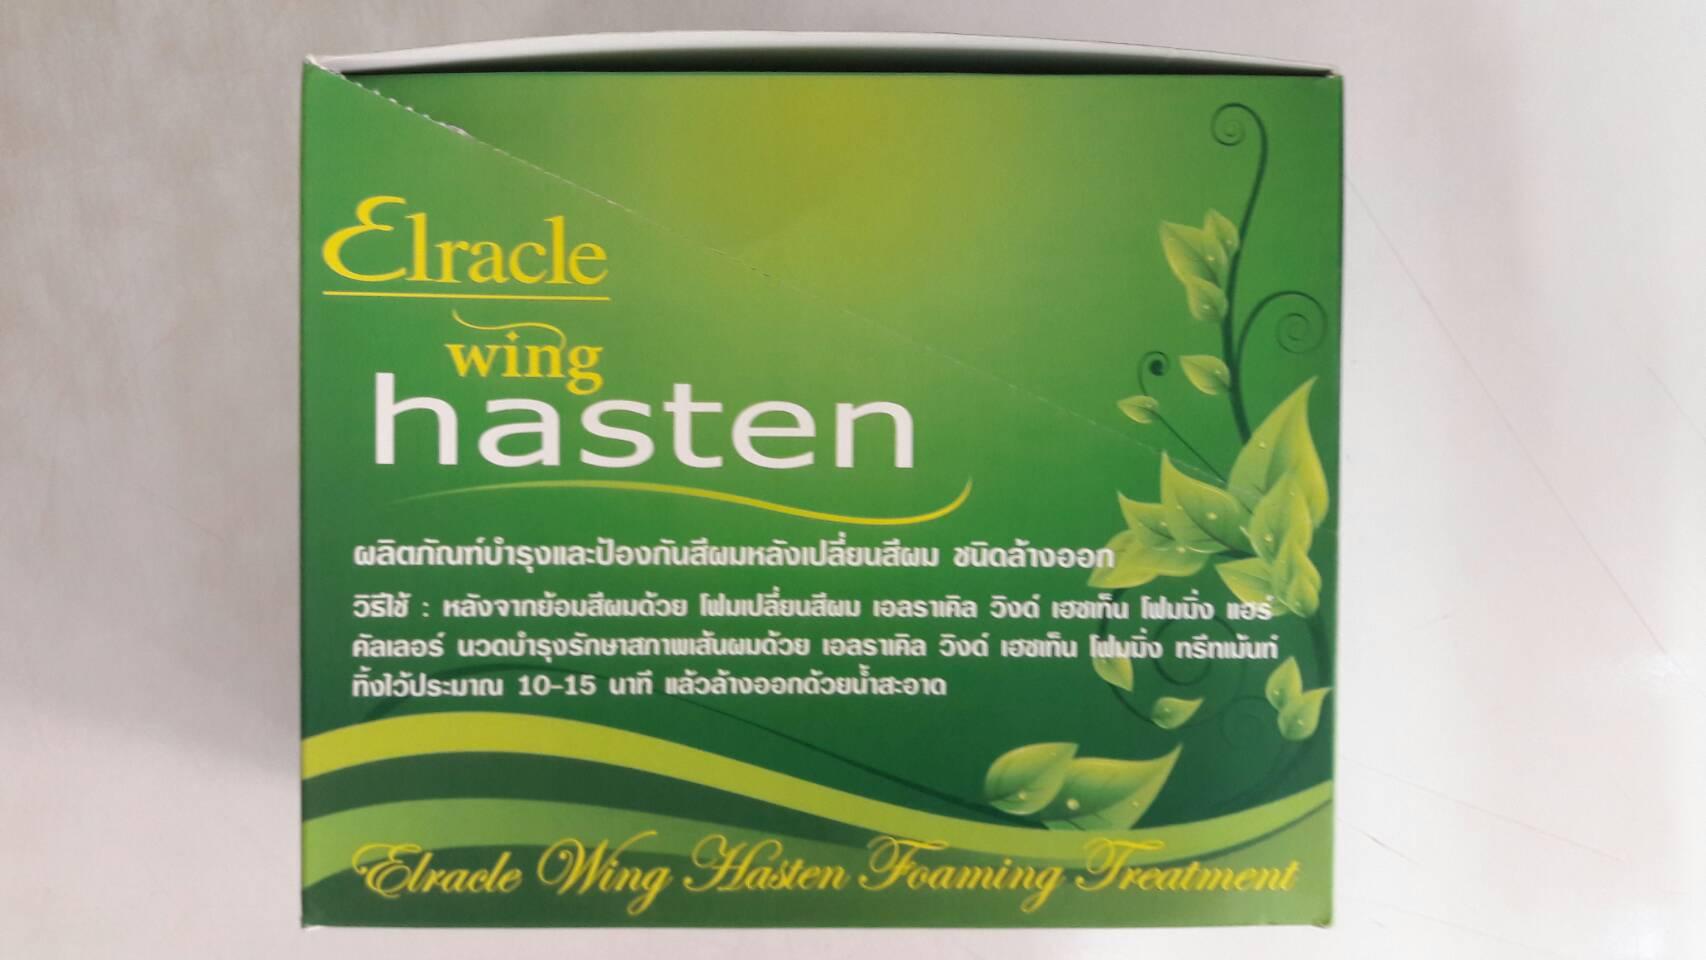 Elracle wing hasten foaming treatment ซองเขียว (1กล่องมี 24 ซอง)ราคาส่งถูกๆ w.775 รหัส H56